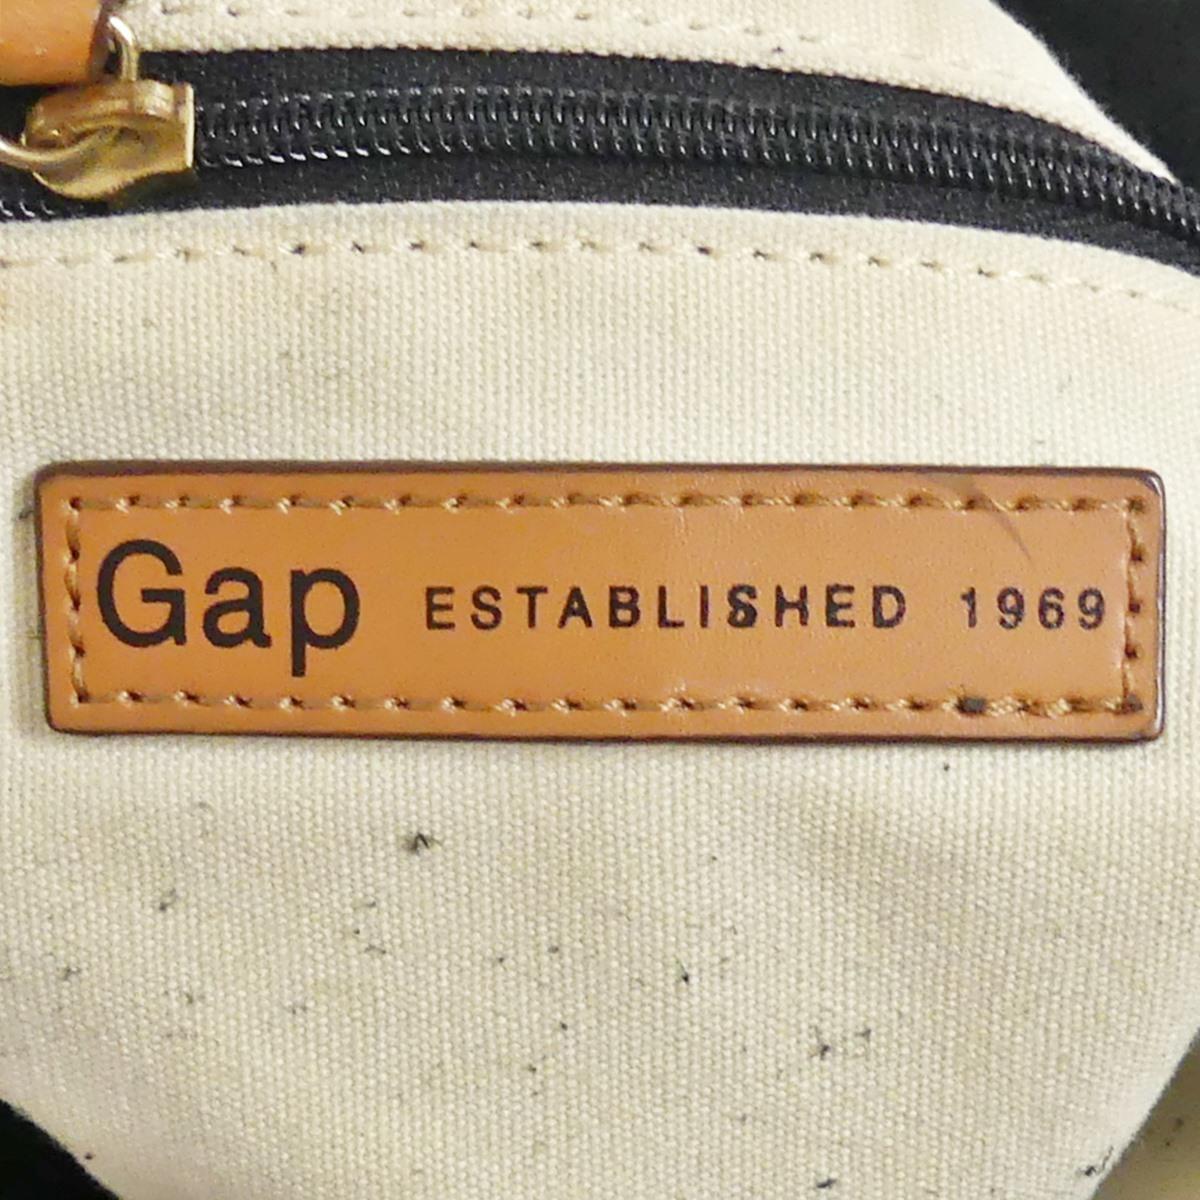 即決★GAP★オールレザートートバッグ ギャップ メンズ 黒 本革 ハンドバッグ 本皮 かばん 通勤 トラベル 出張 手提げバッグ 鞄 レディース_画像9